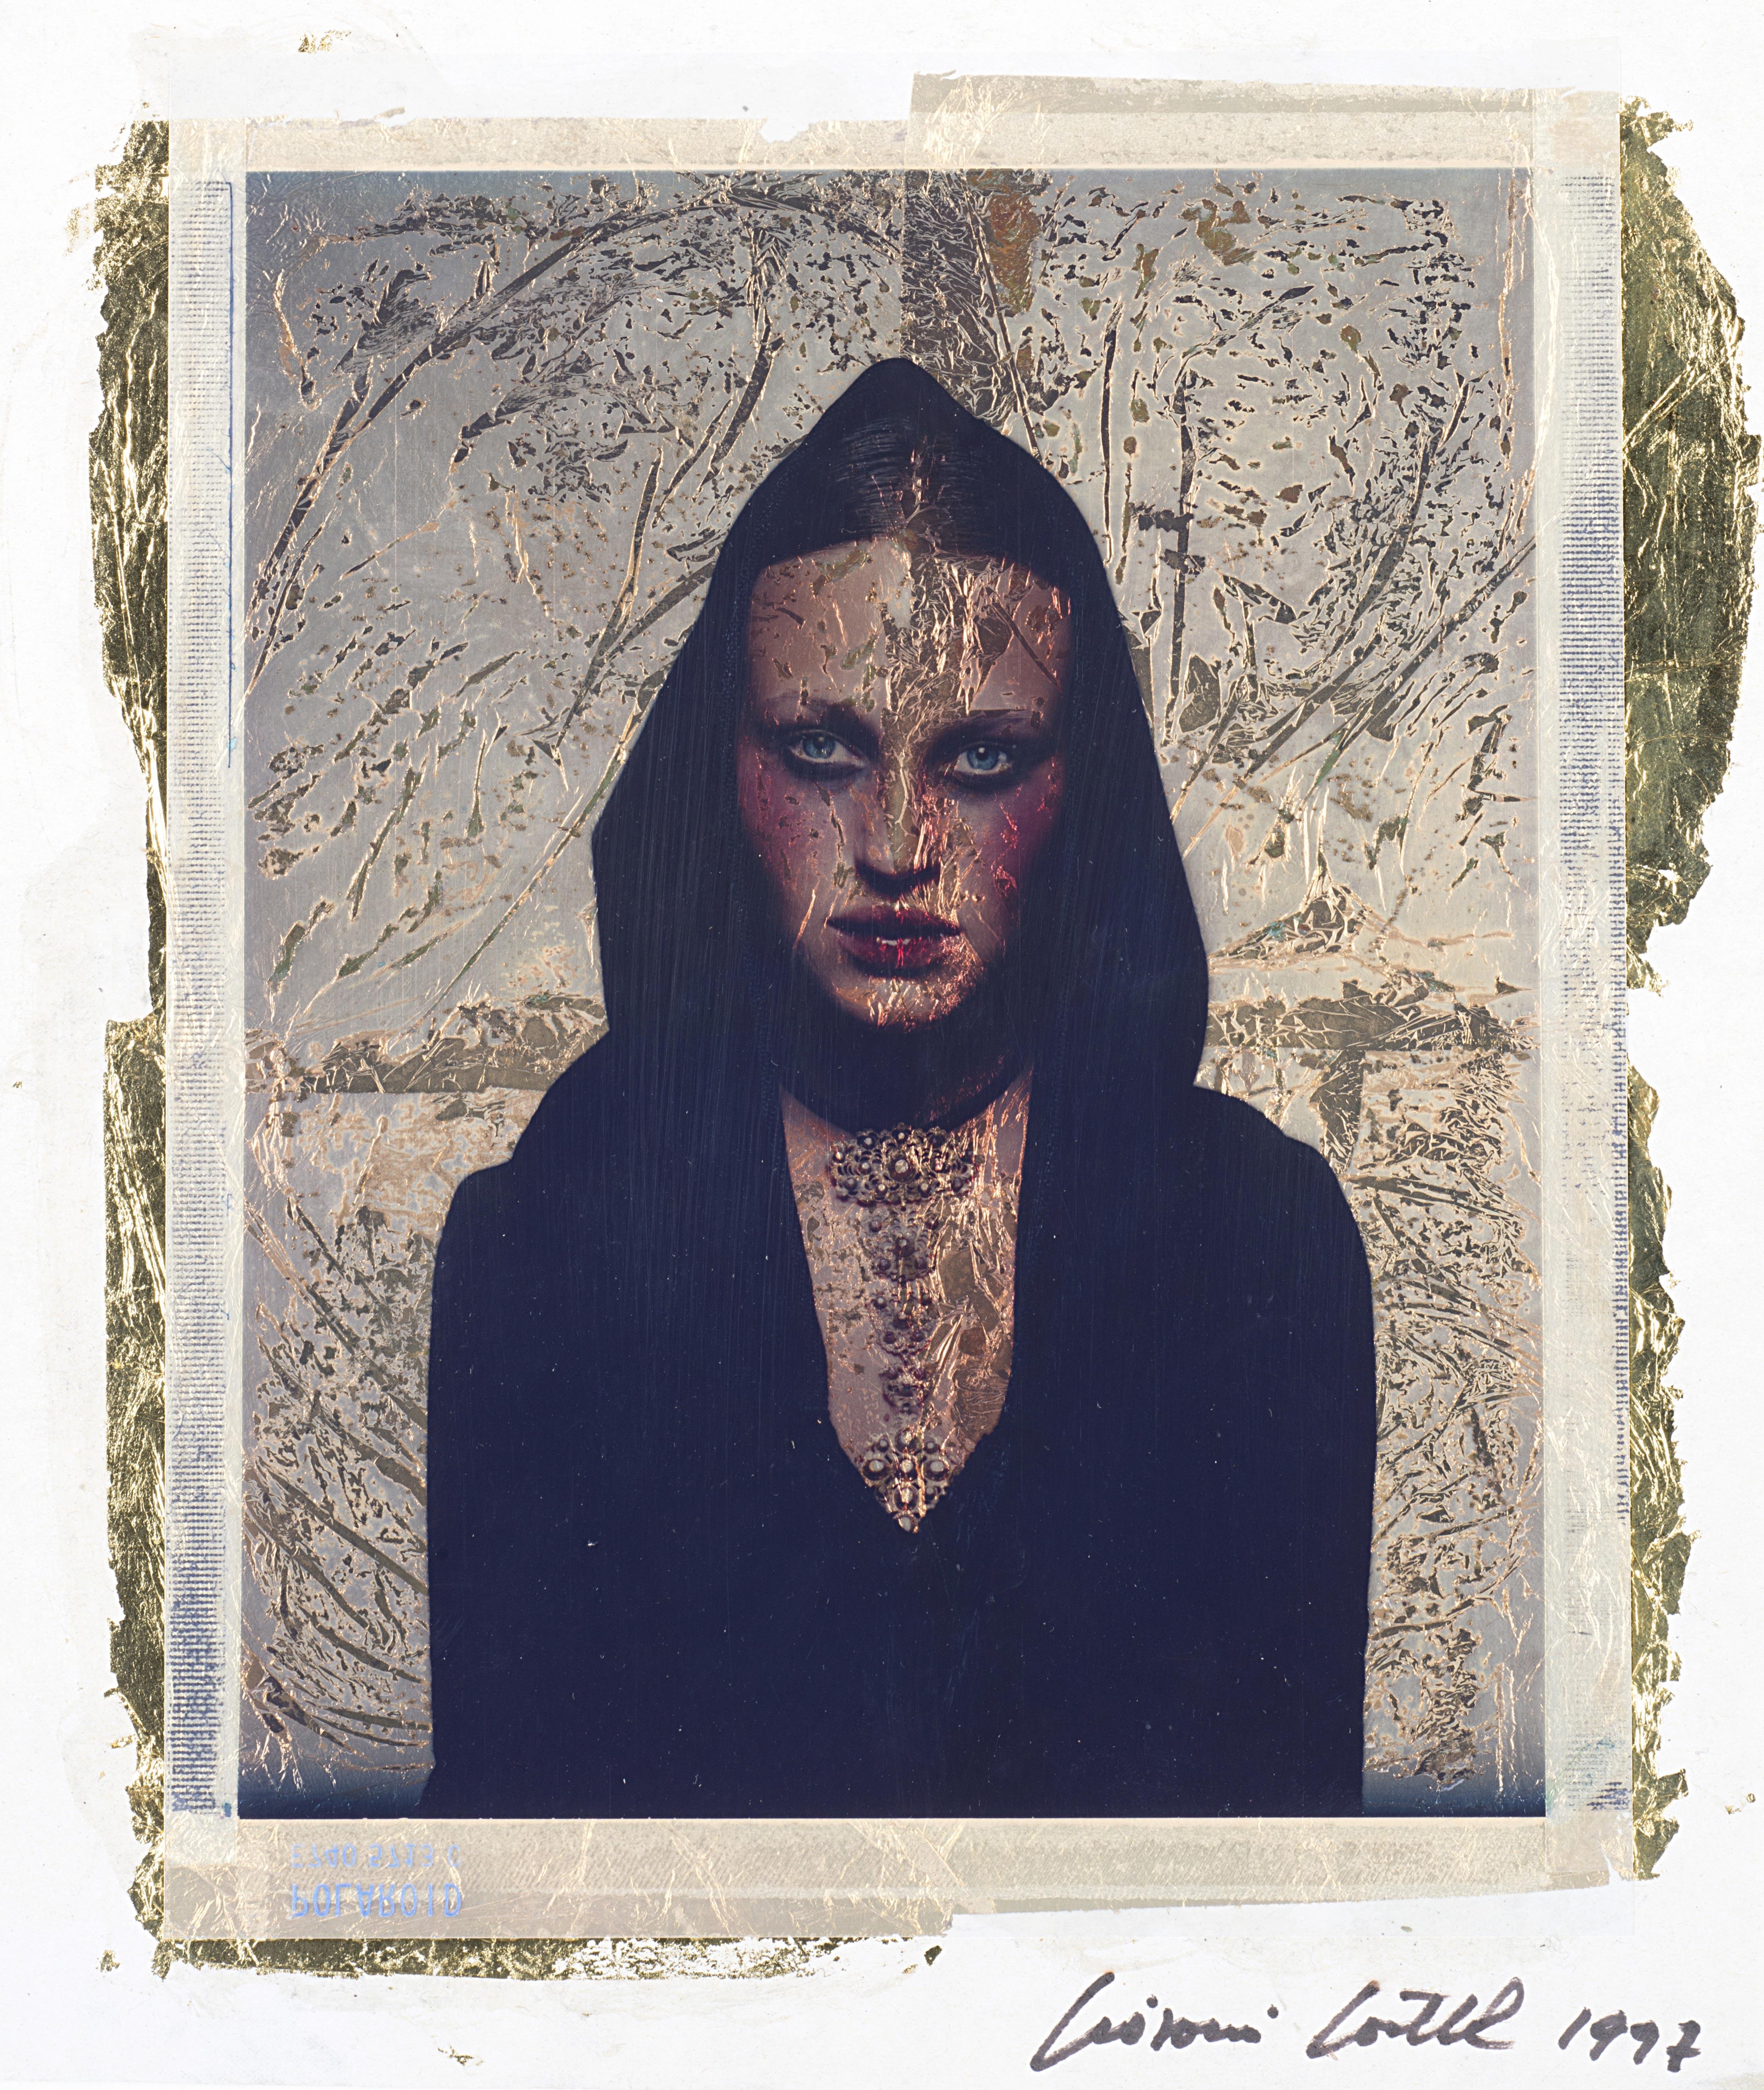 Senza titolo, 1997